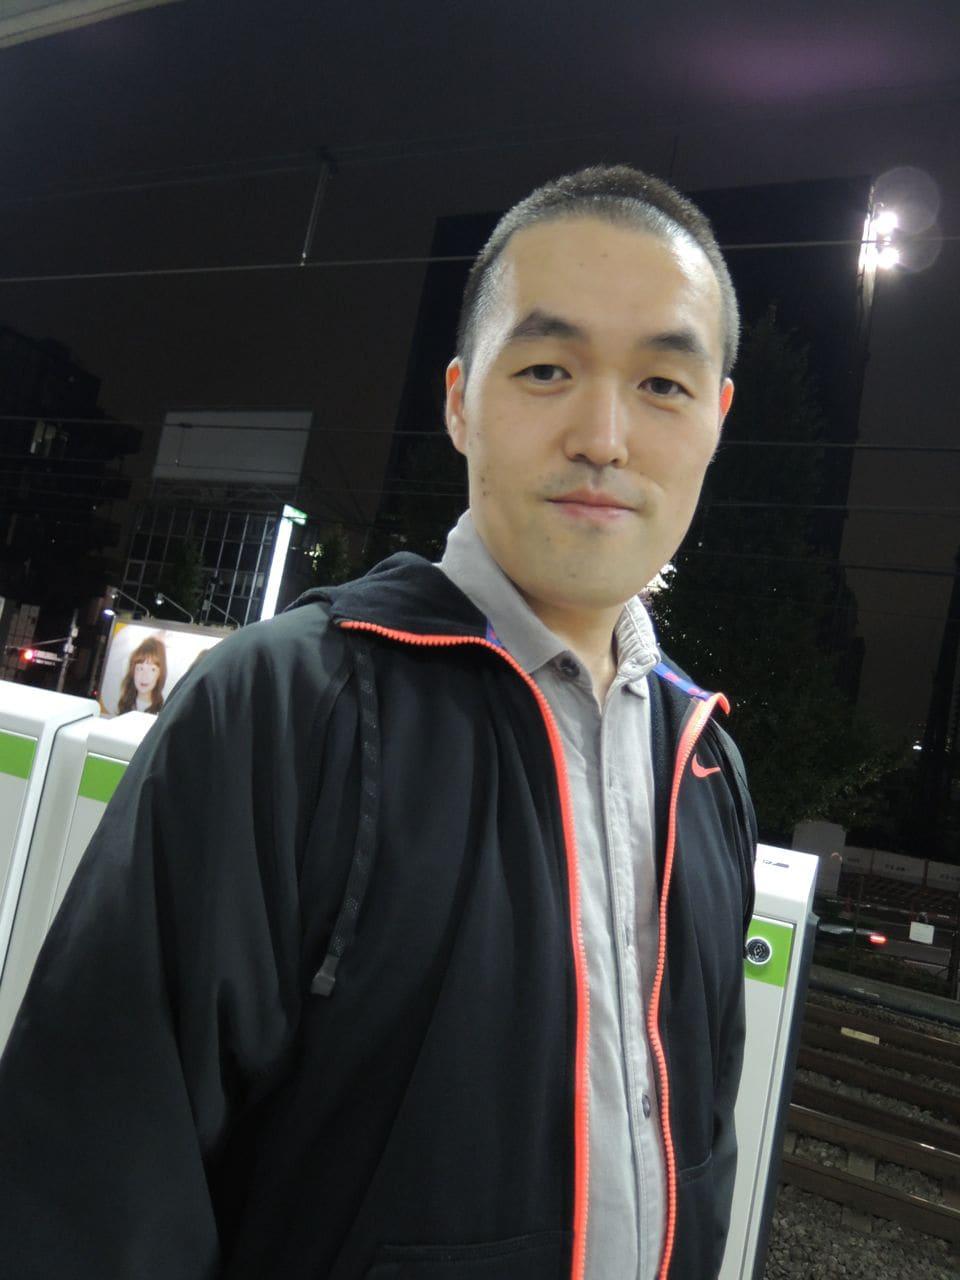 こんにちは、弘樹です。職業はソフトウェア・エンジニアをしています。 一軒家に両親と3人住まいをして